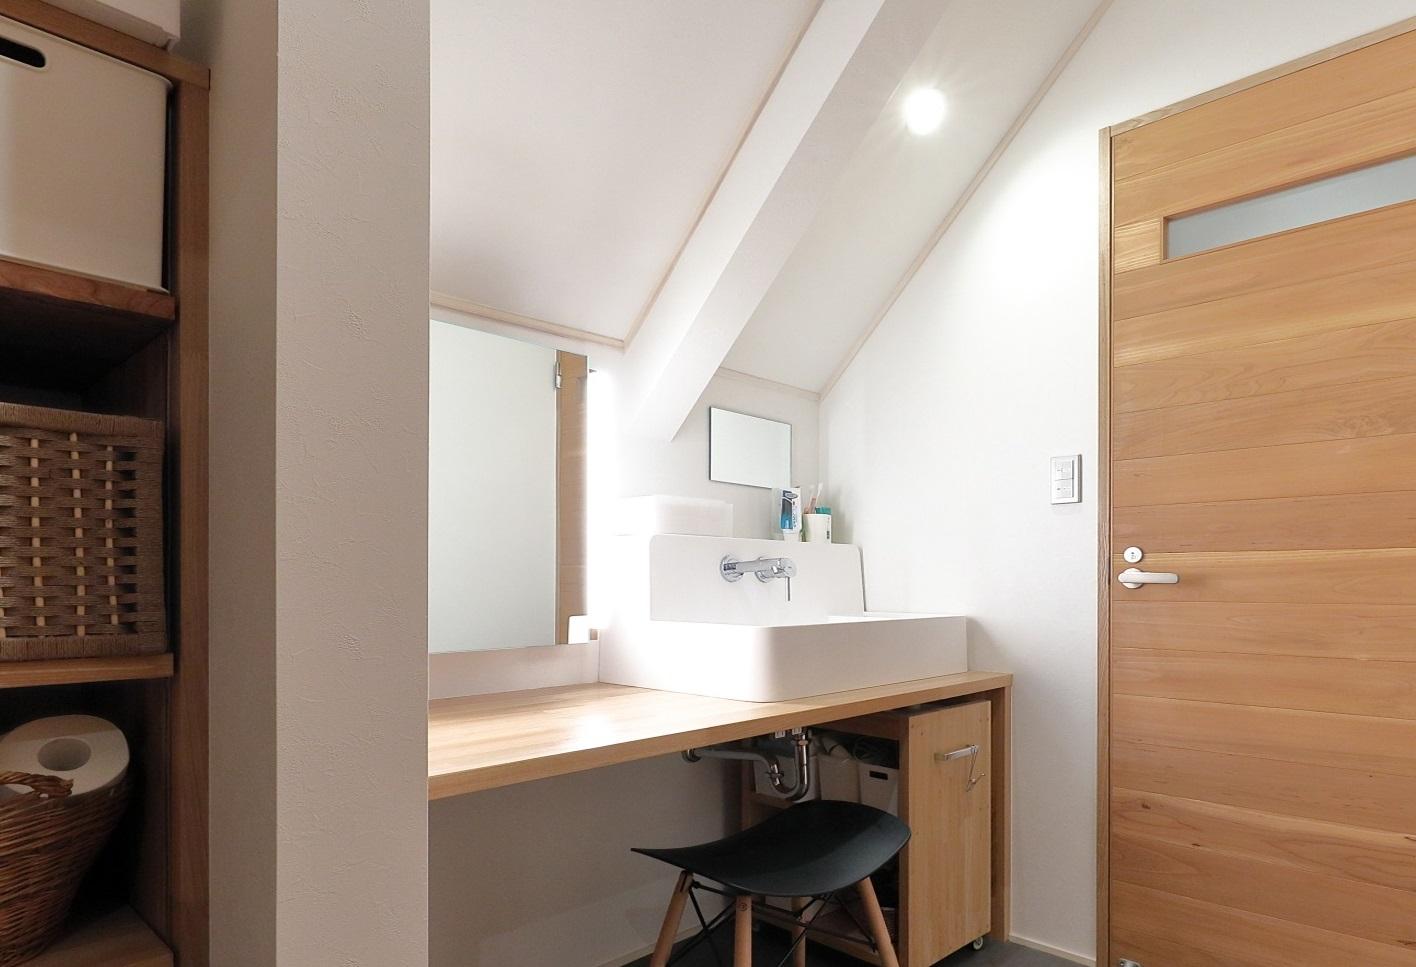 2階のパウダールーム。塗り壁や大工と建具職人がつくった特注の家具や建具など、自然素材の内装材の効果で、あたたかい雰囲気の明るい空間となっている(撮影/筒井岳彦)